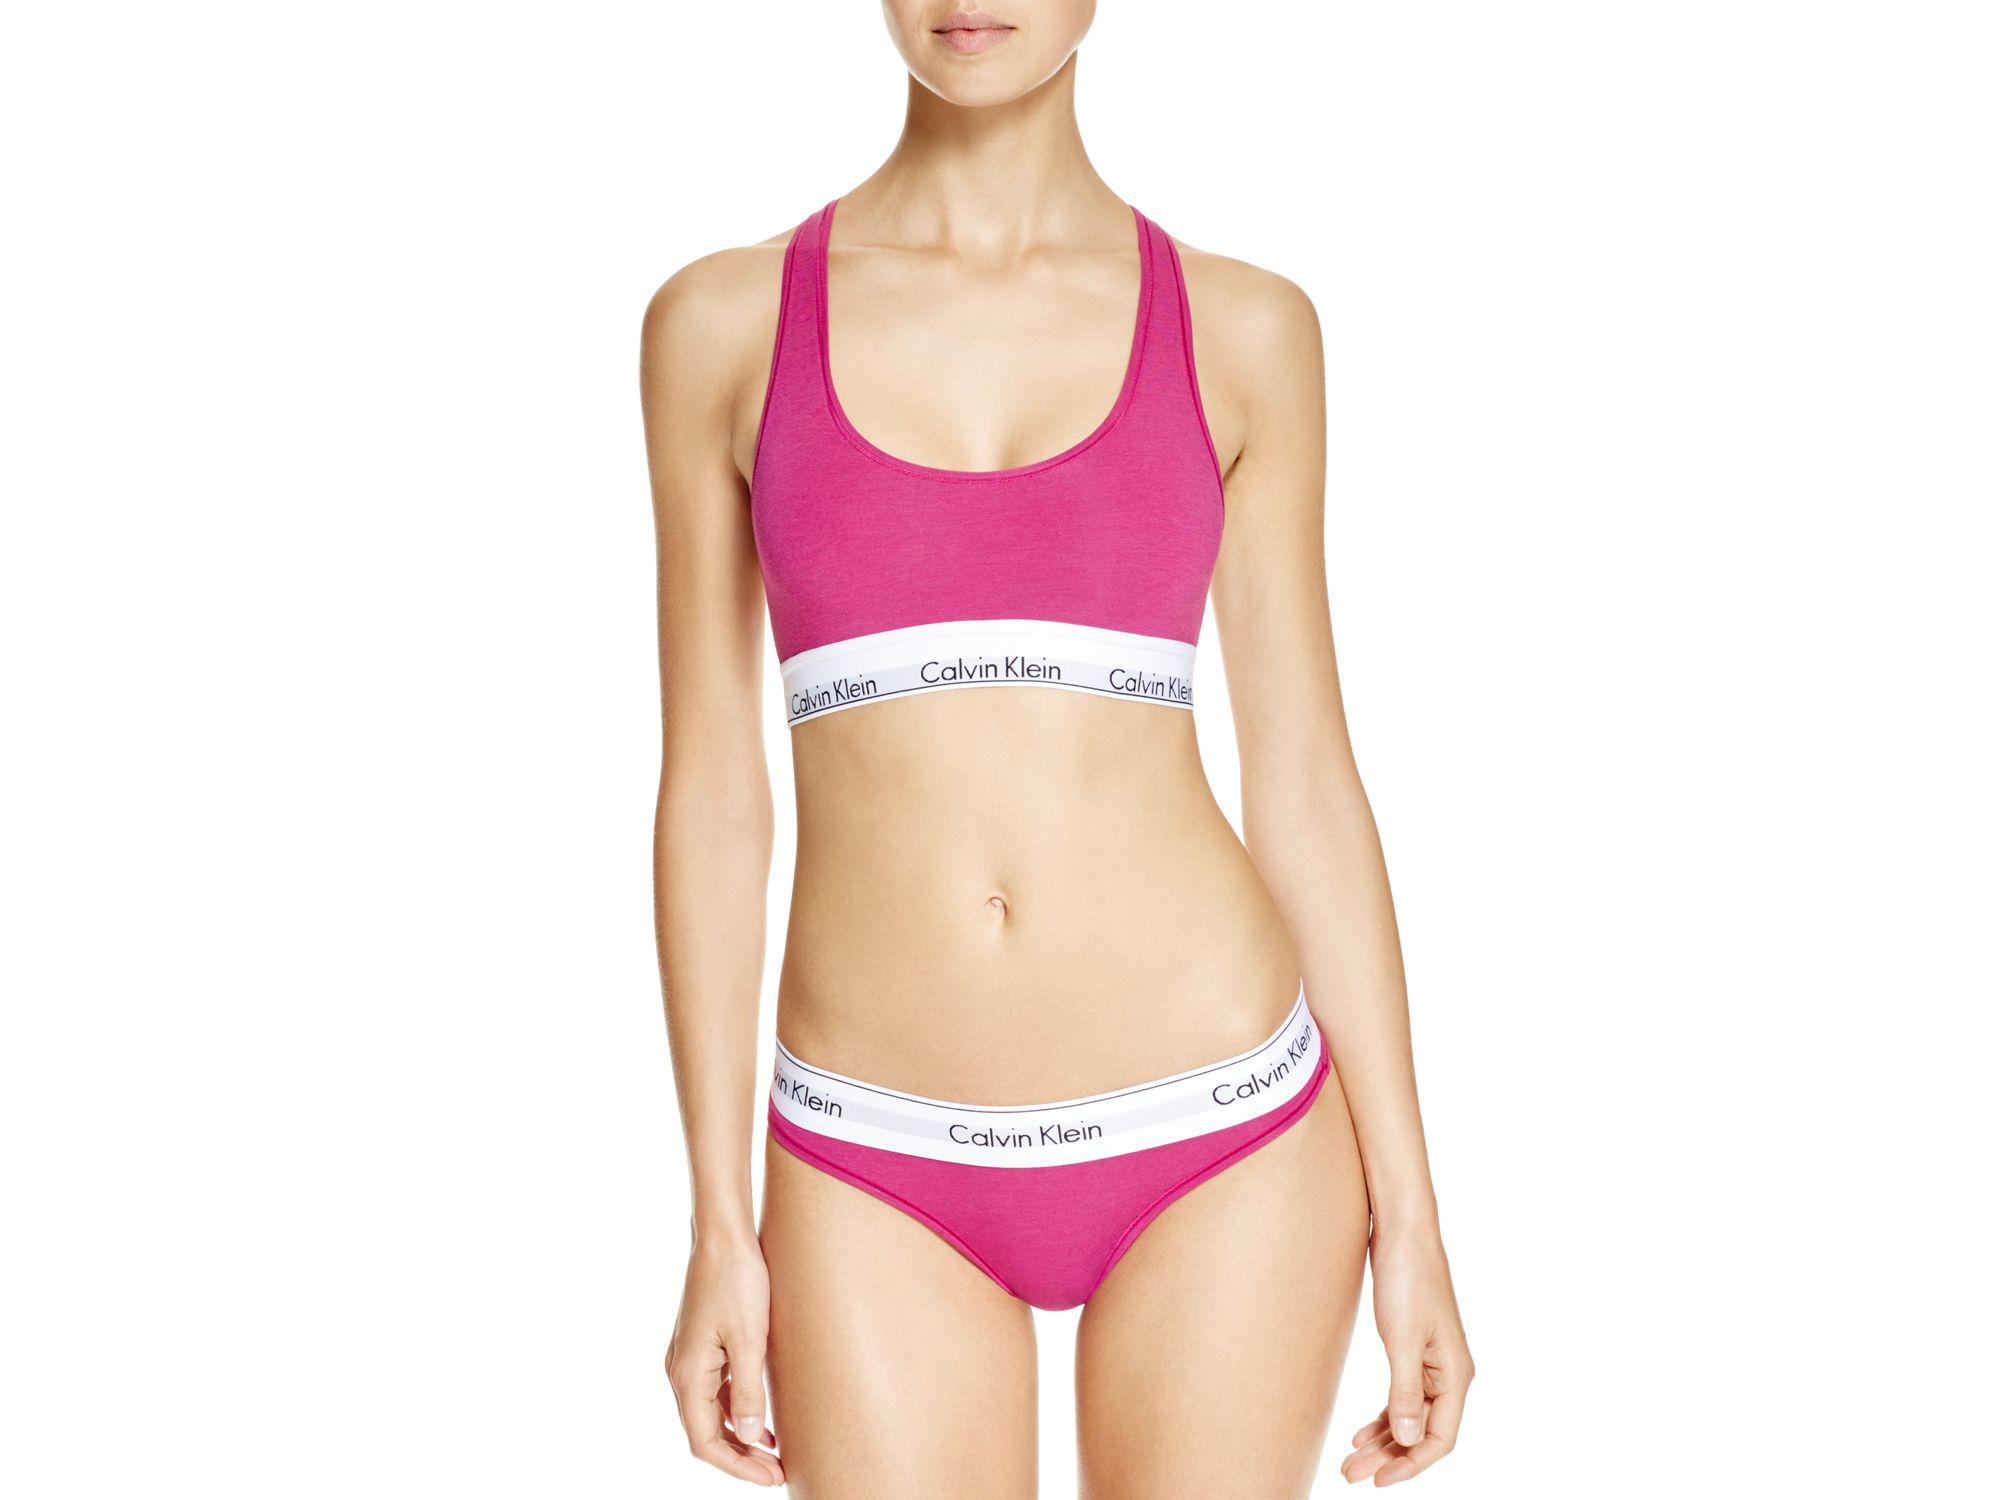 83c3f0561c3bc5 Calvin Klein Bralette - Modern Cotton  f3785 in Pink - Lyst